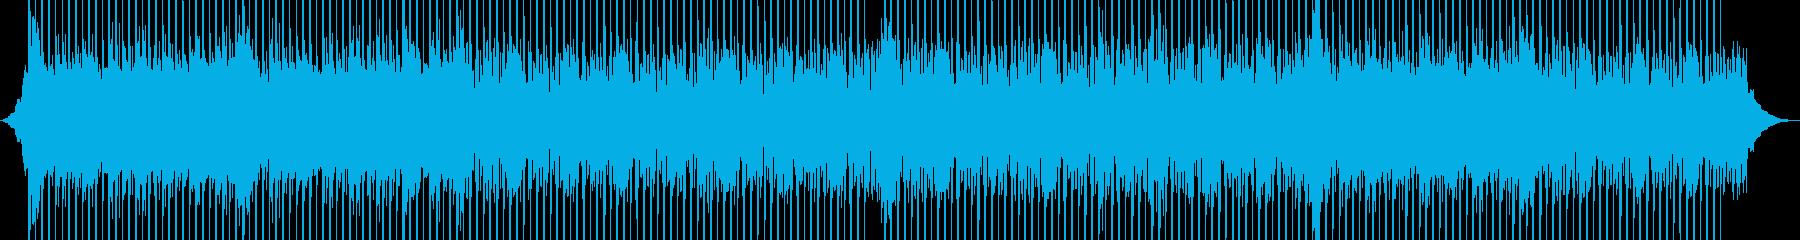 コーポレート ほのぼの 幸せ 励ま...の再生済みの波形